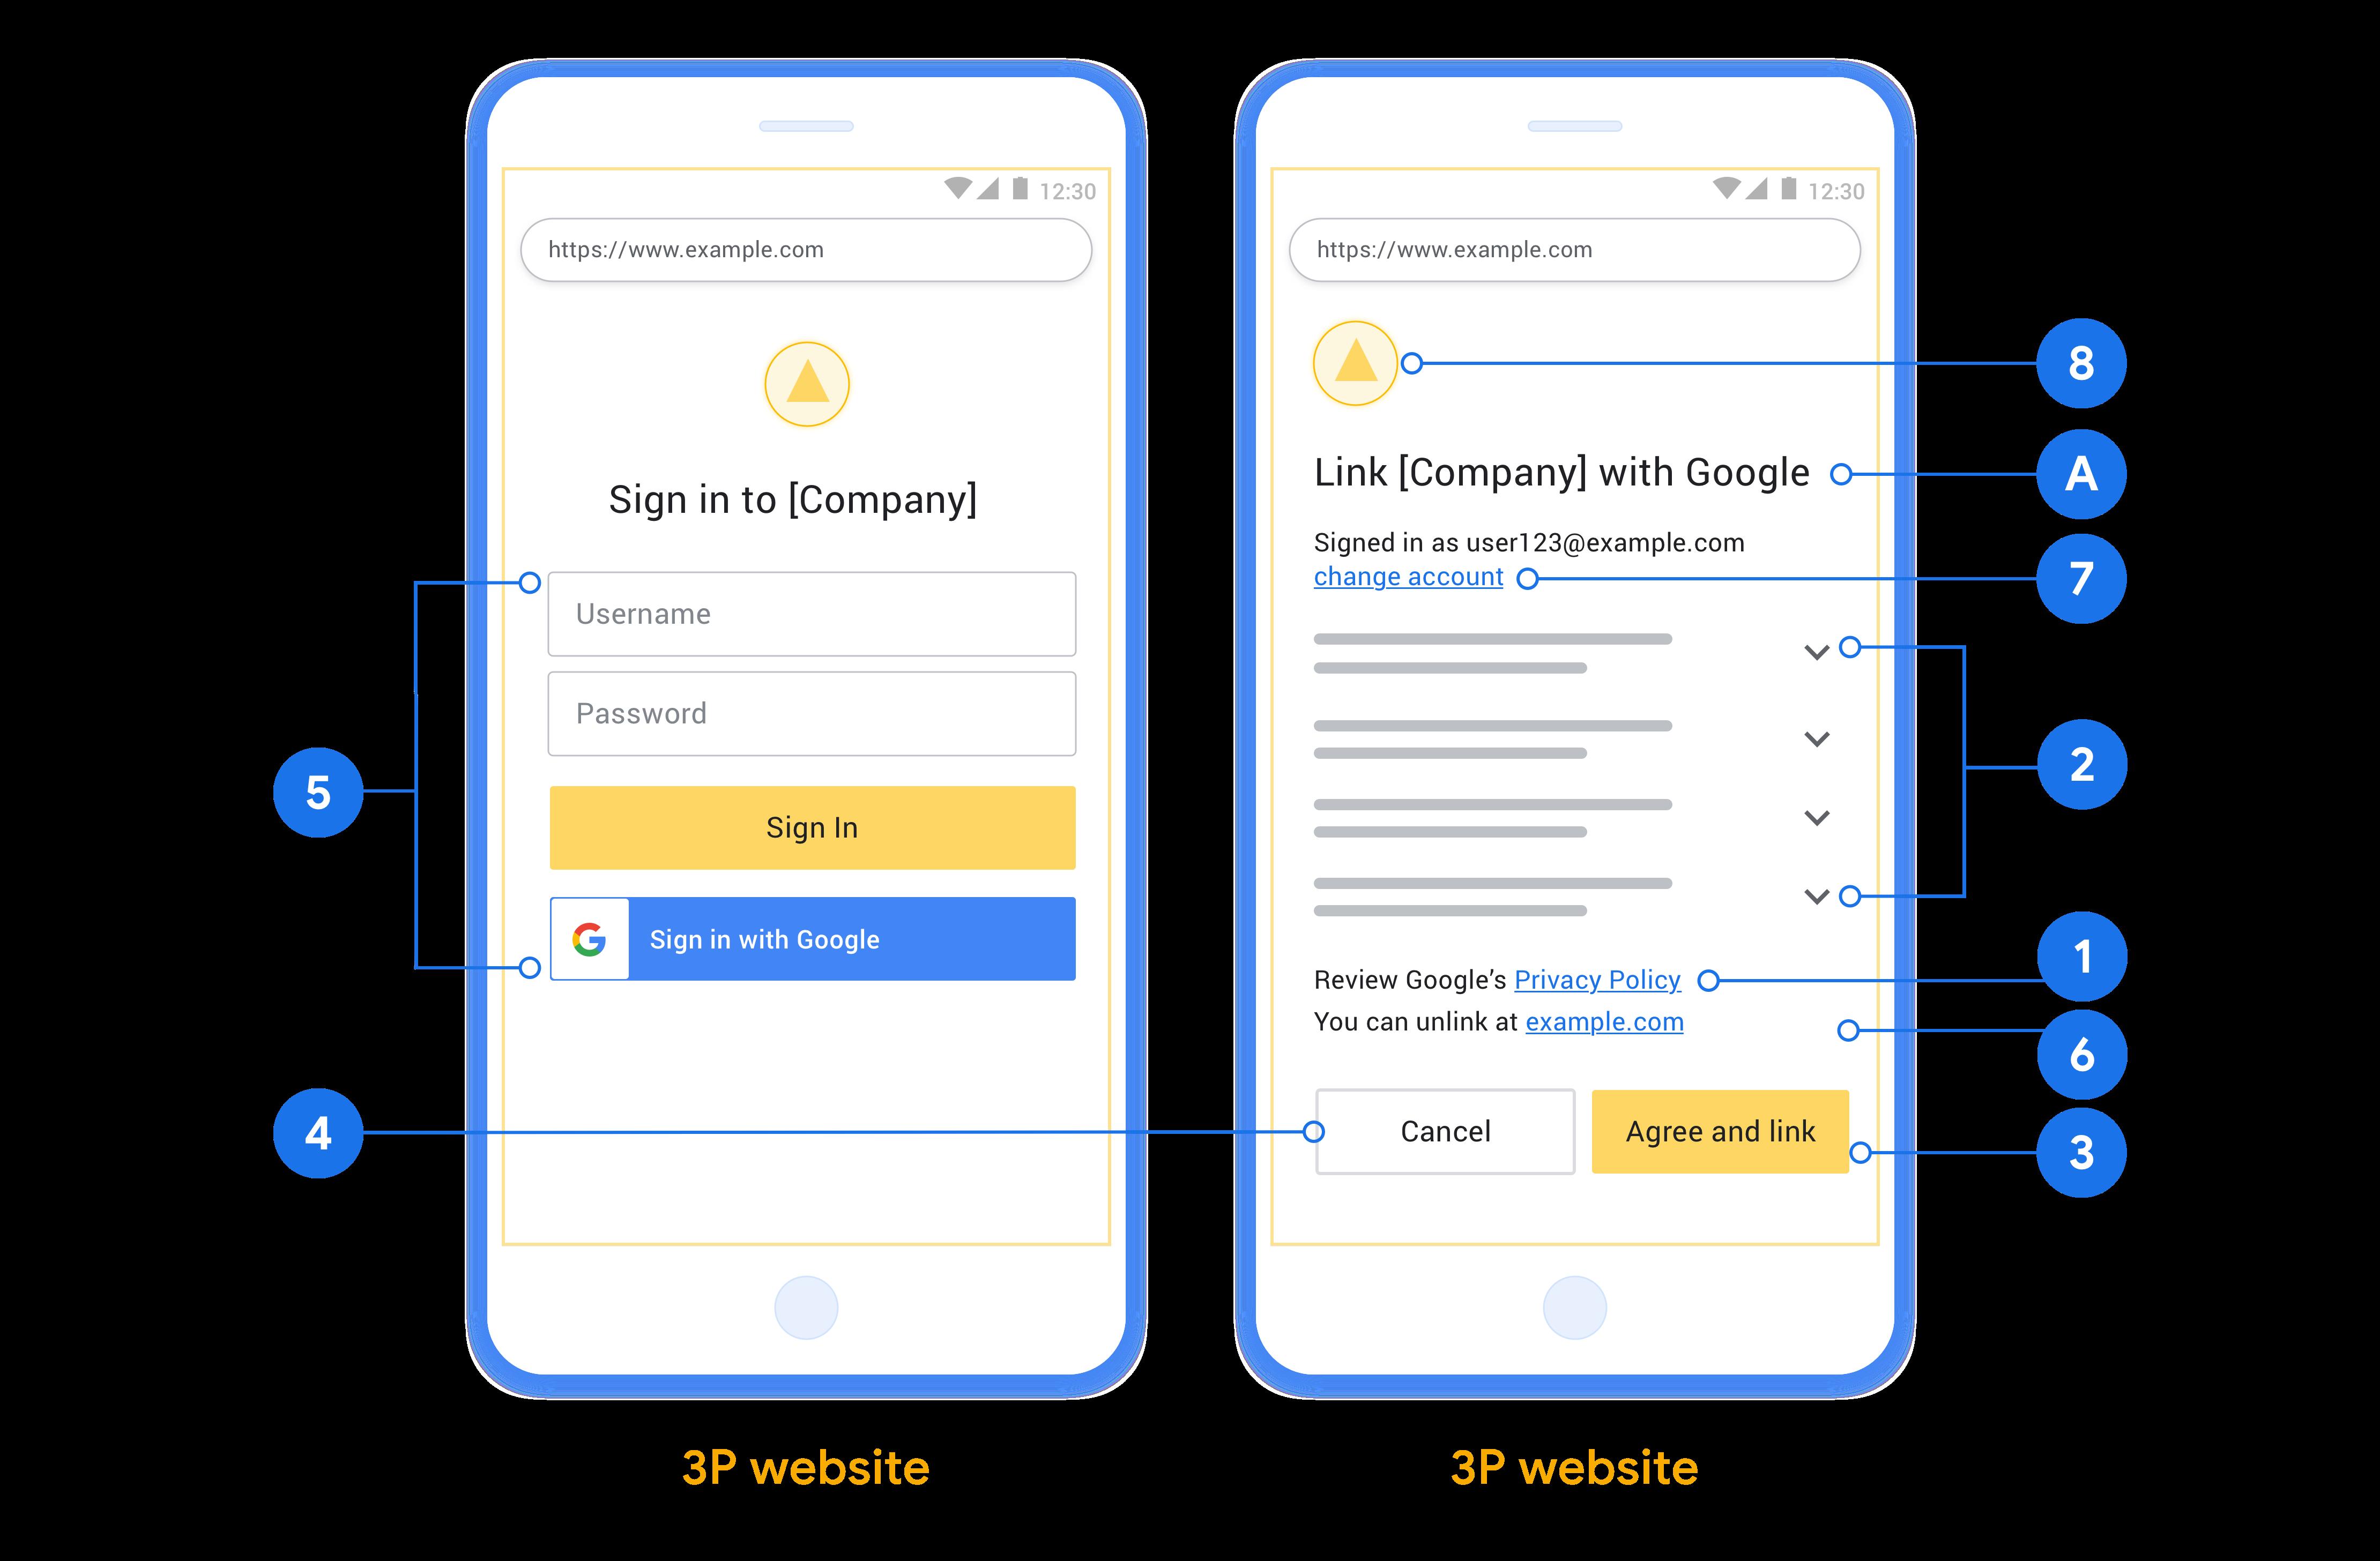 此图显示了示例用户登录和同意屏幕,其中包含在设计用户登录和同意屏幕时要遵循的各个要求和建议。